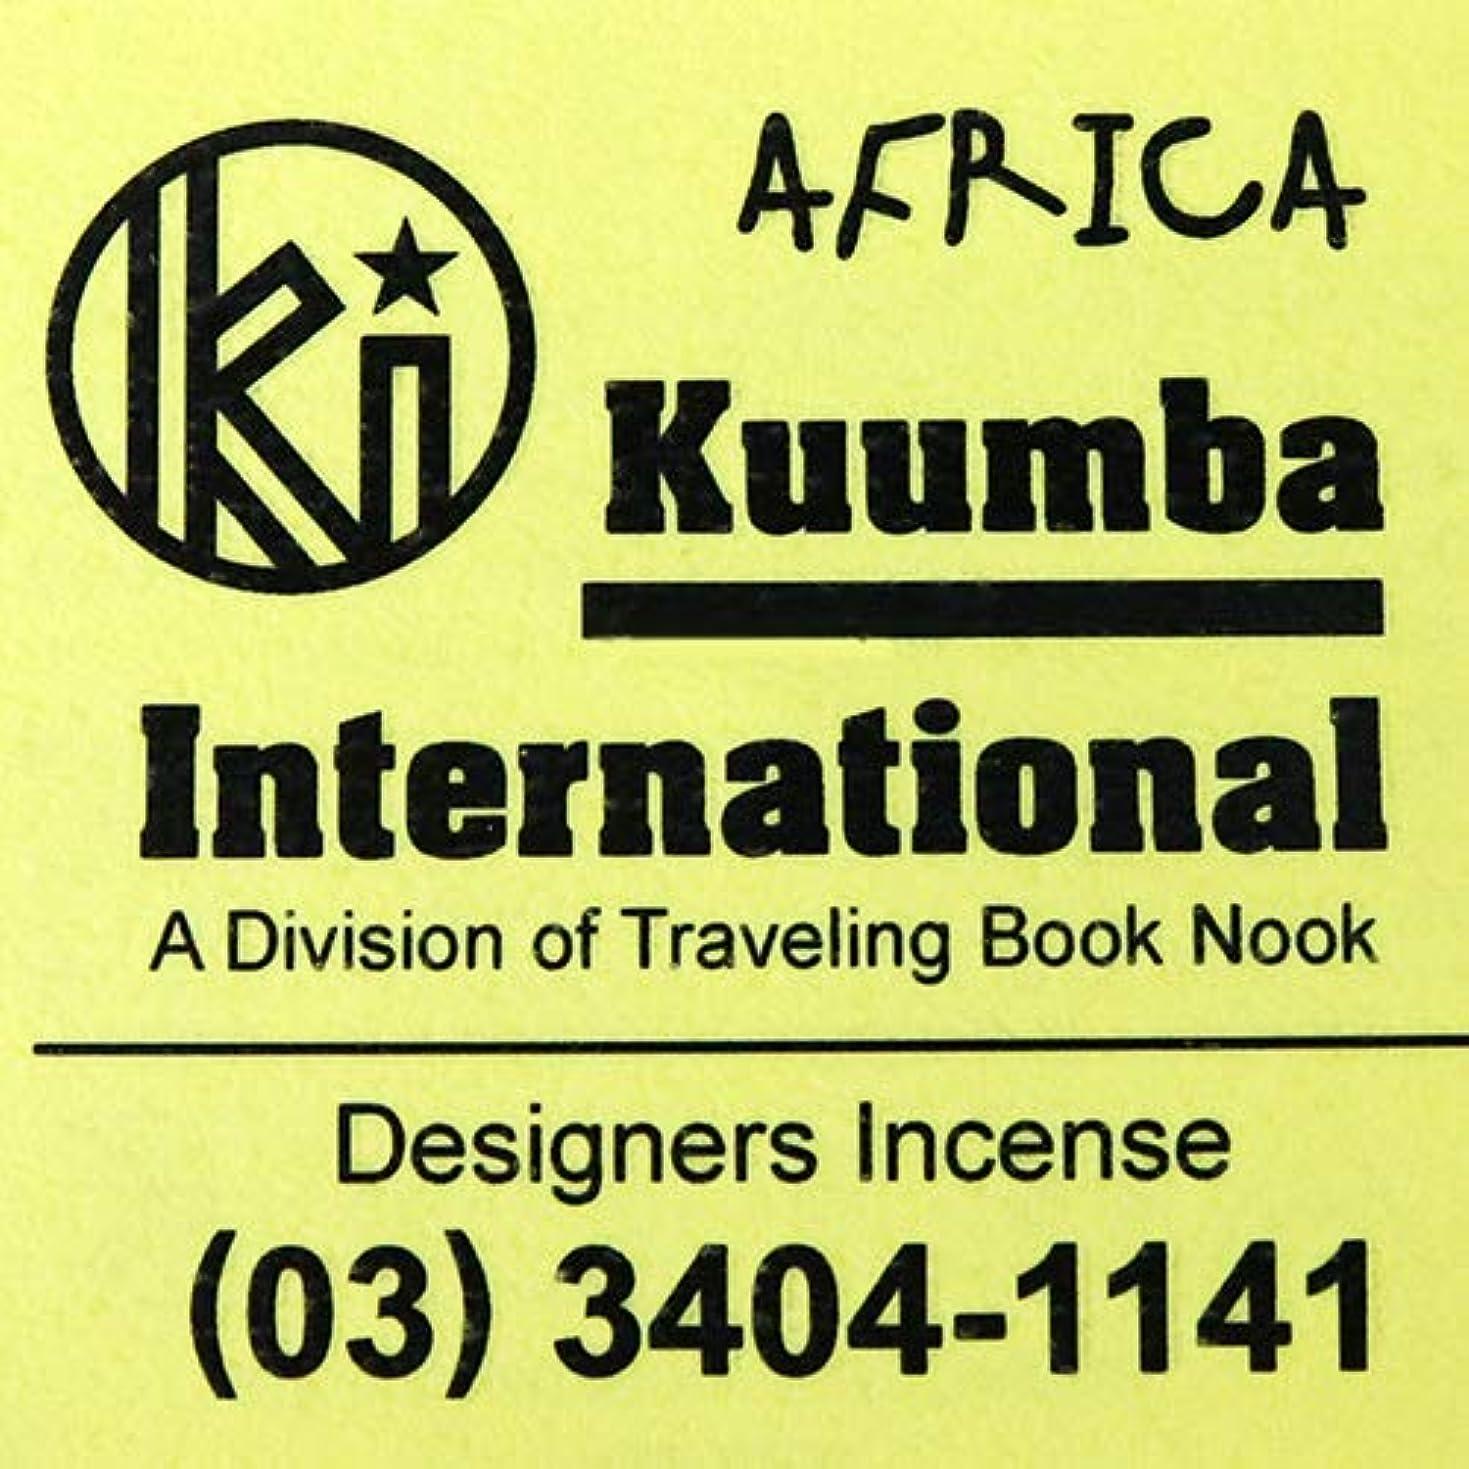 り不完全ケージ(クンバ) KUUMBA『incense』(AFRICA) (AFRICA, Regular size)